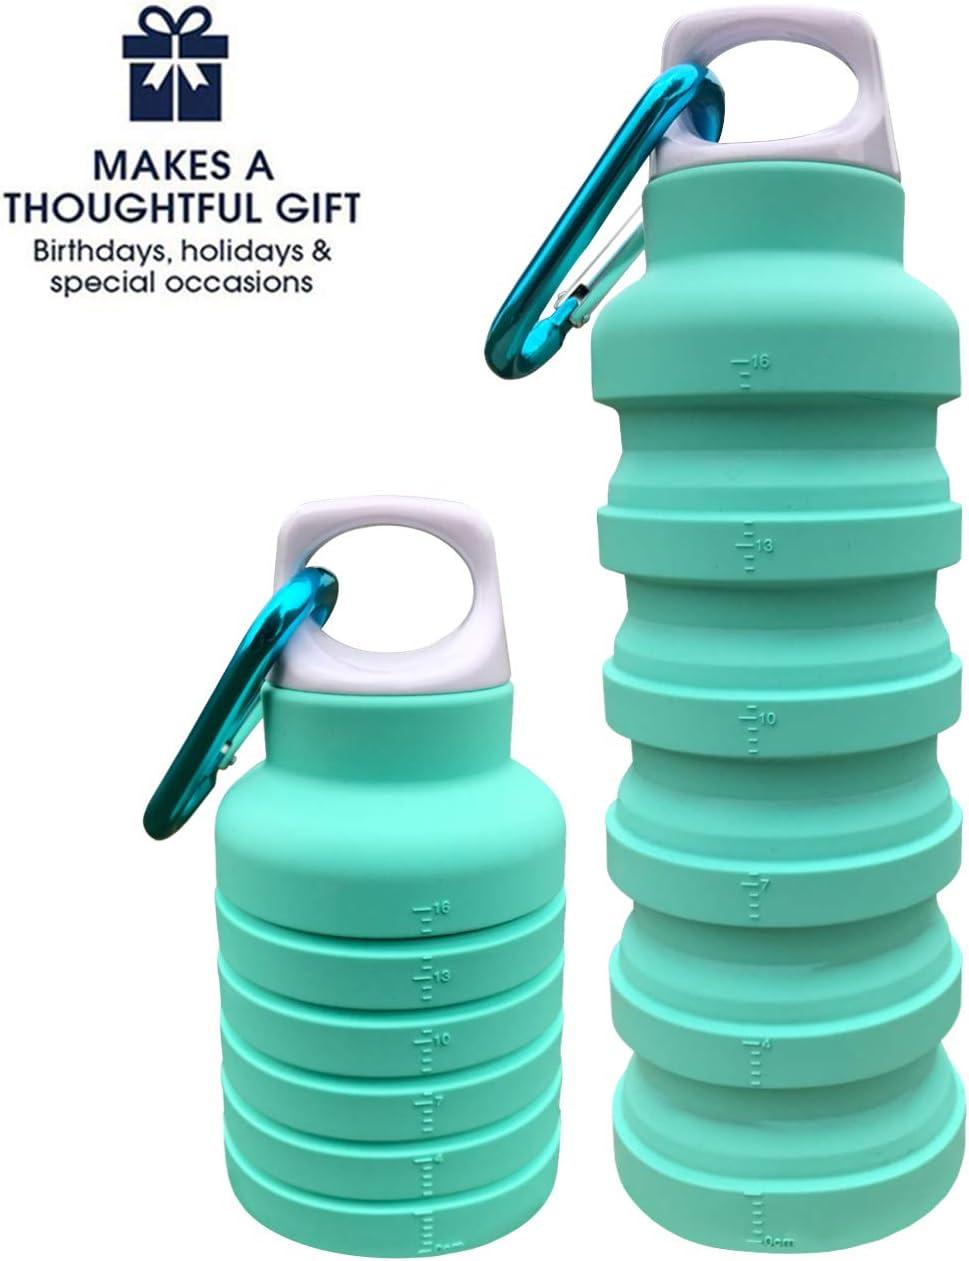 Botella de agua plegable de BMZX ThinsGo, plegable, portátil, a prueba de fugas, de silicona, ligera, respetuosa con el medio ambiente, reutilizable, para viajes, camping, senderismo, senderismo, corr